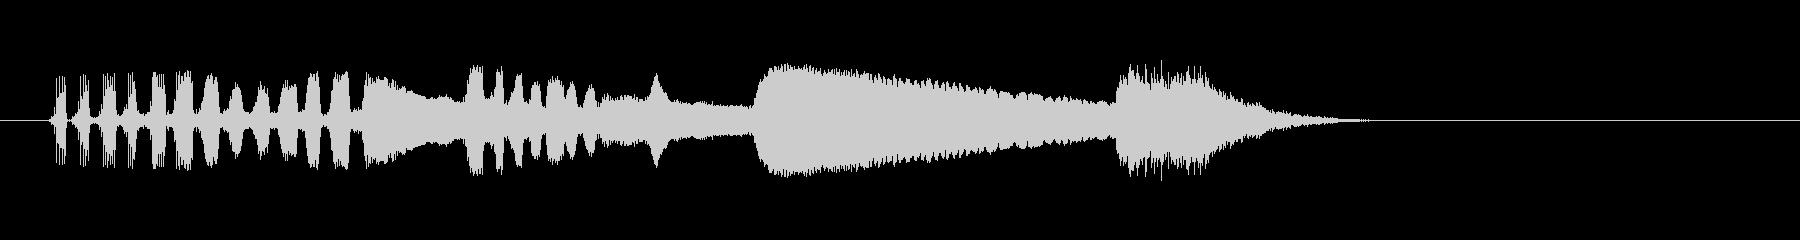 テーマ12B:フルミックス、意外な...の未再生の波形